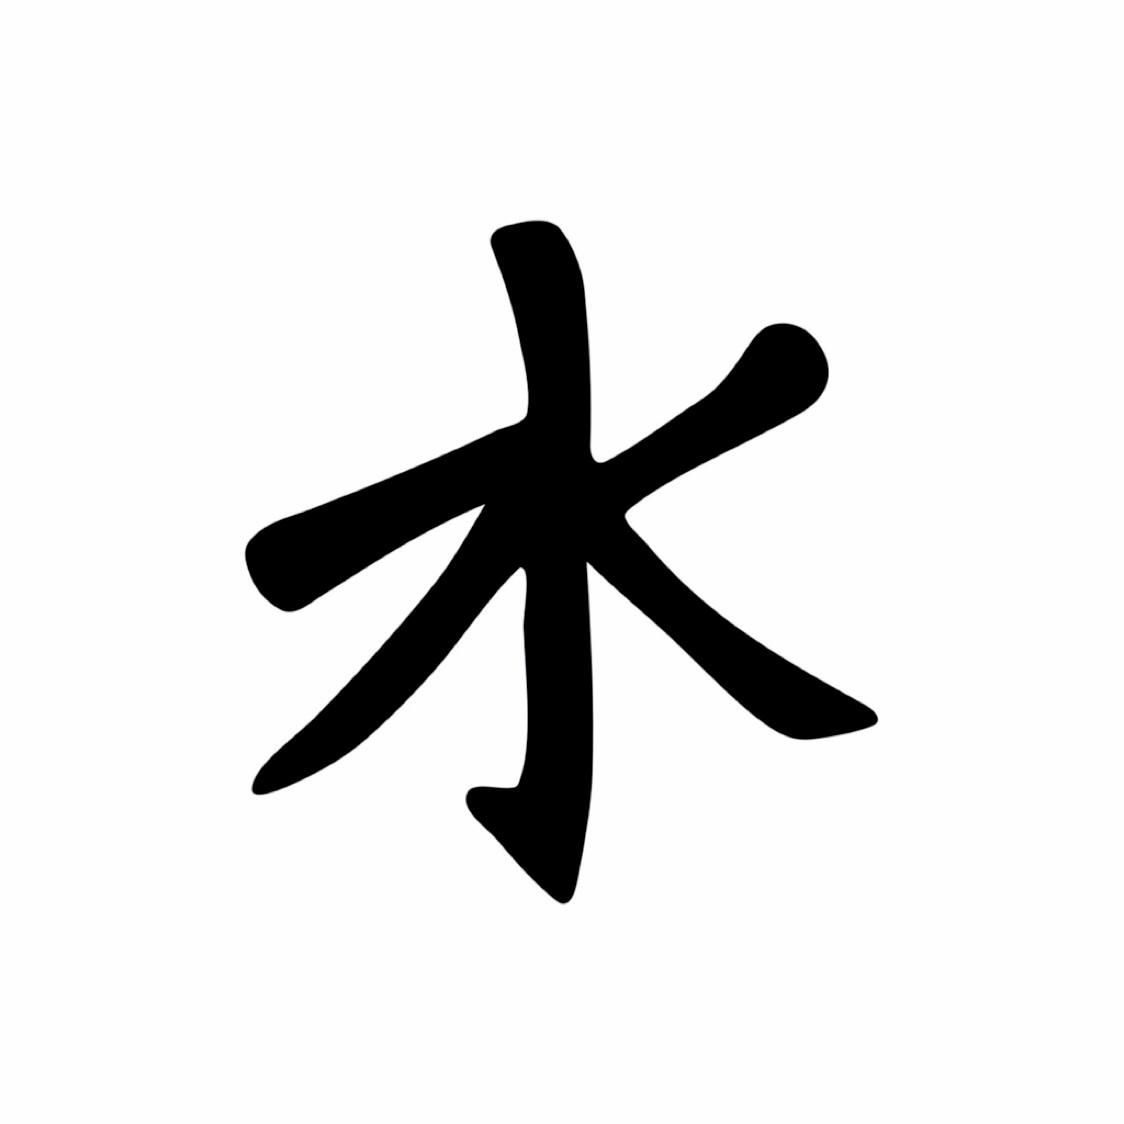 Symbol Of Confucianism 5595117 Lokudenashi Bluesfo